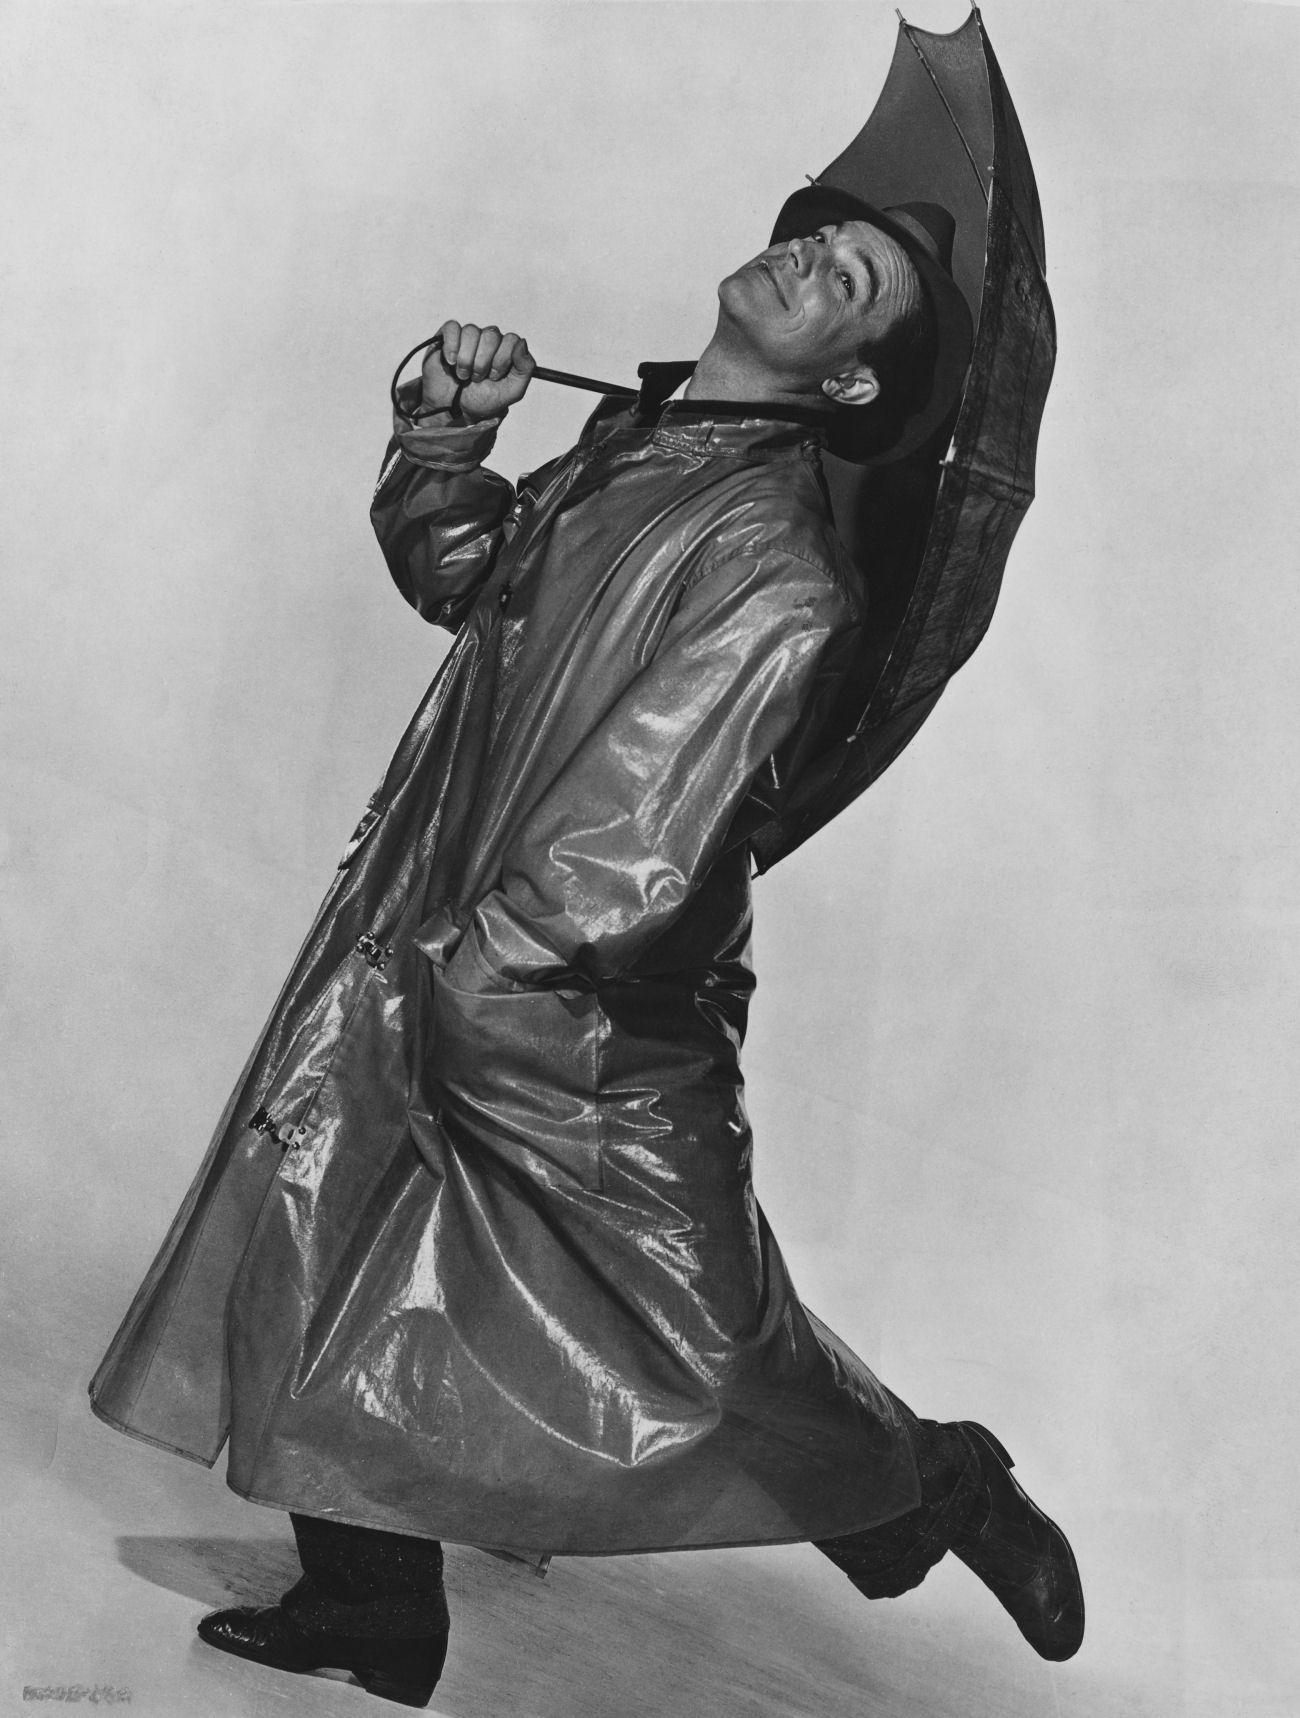 Gene Kelly in Singin' in the Rain (1952) Singin' in the